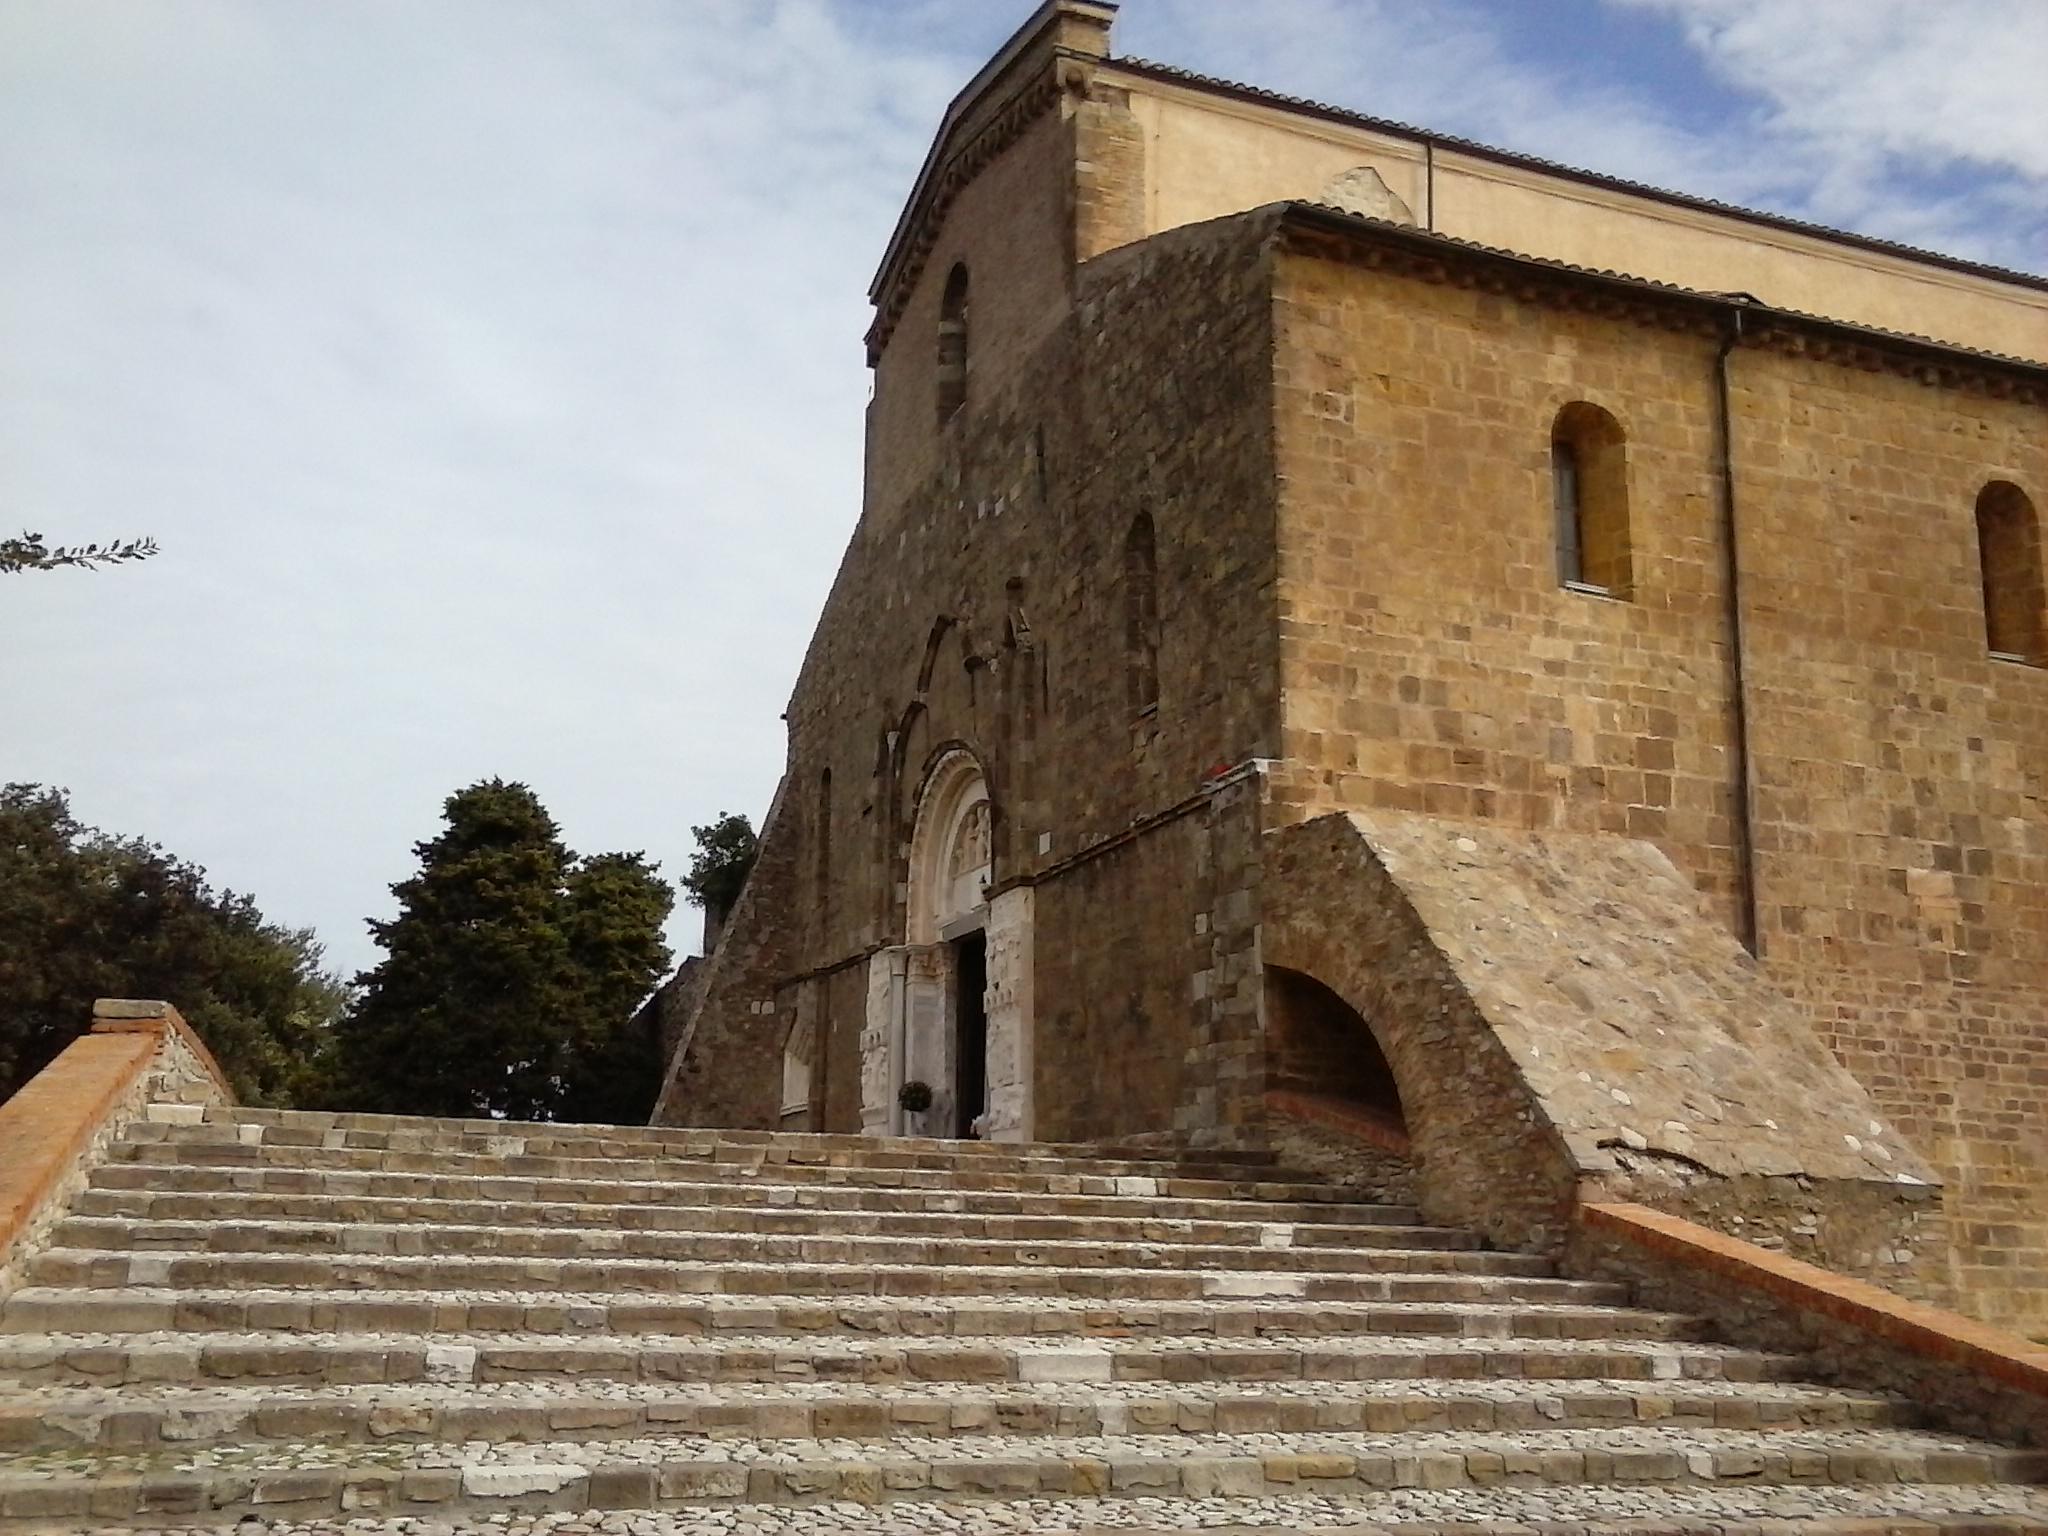 San Giovanni in Venere Fossacesia (CH)